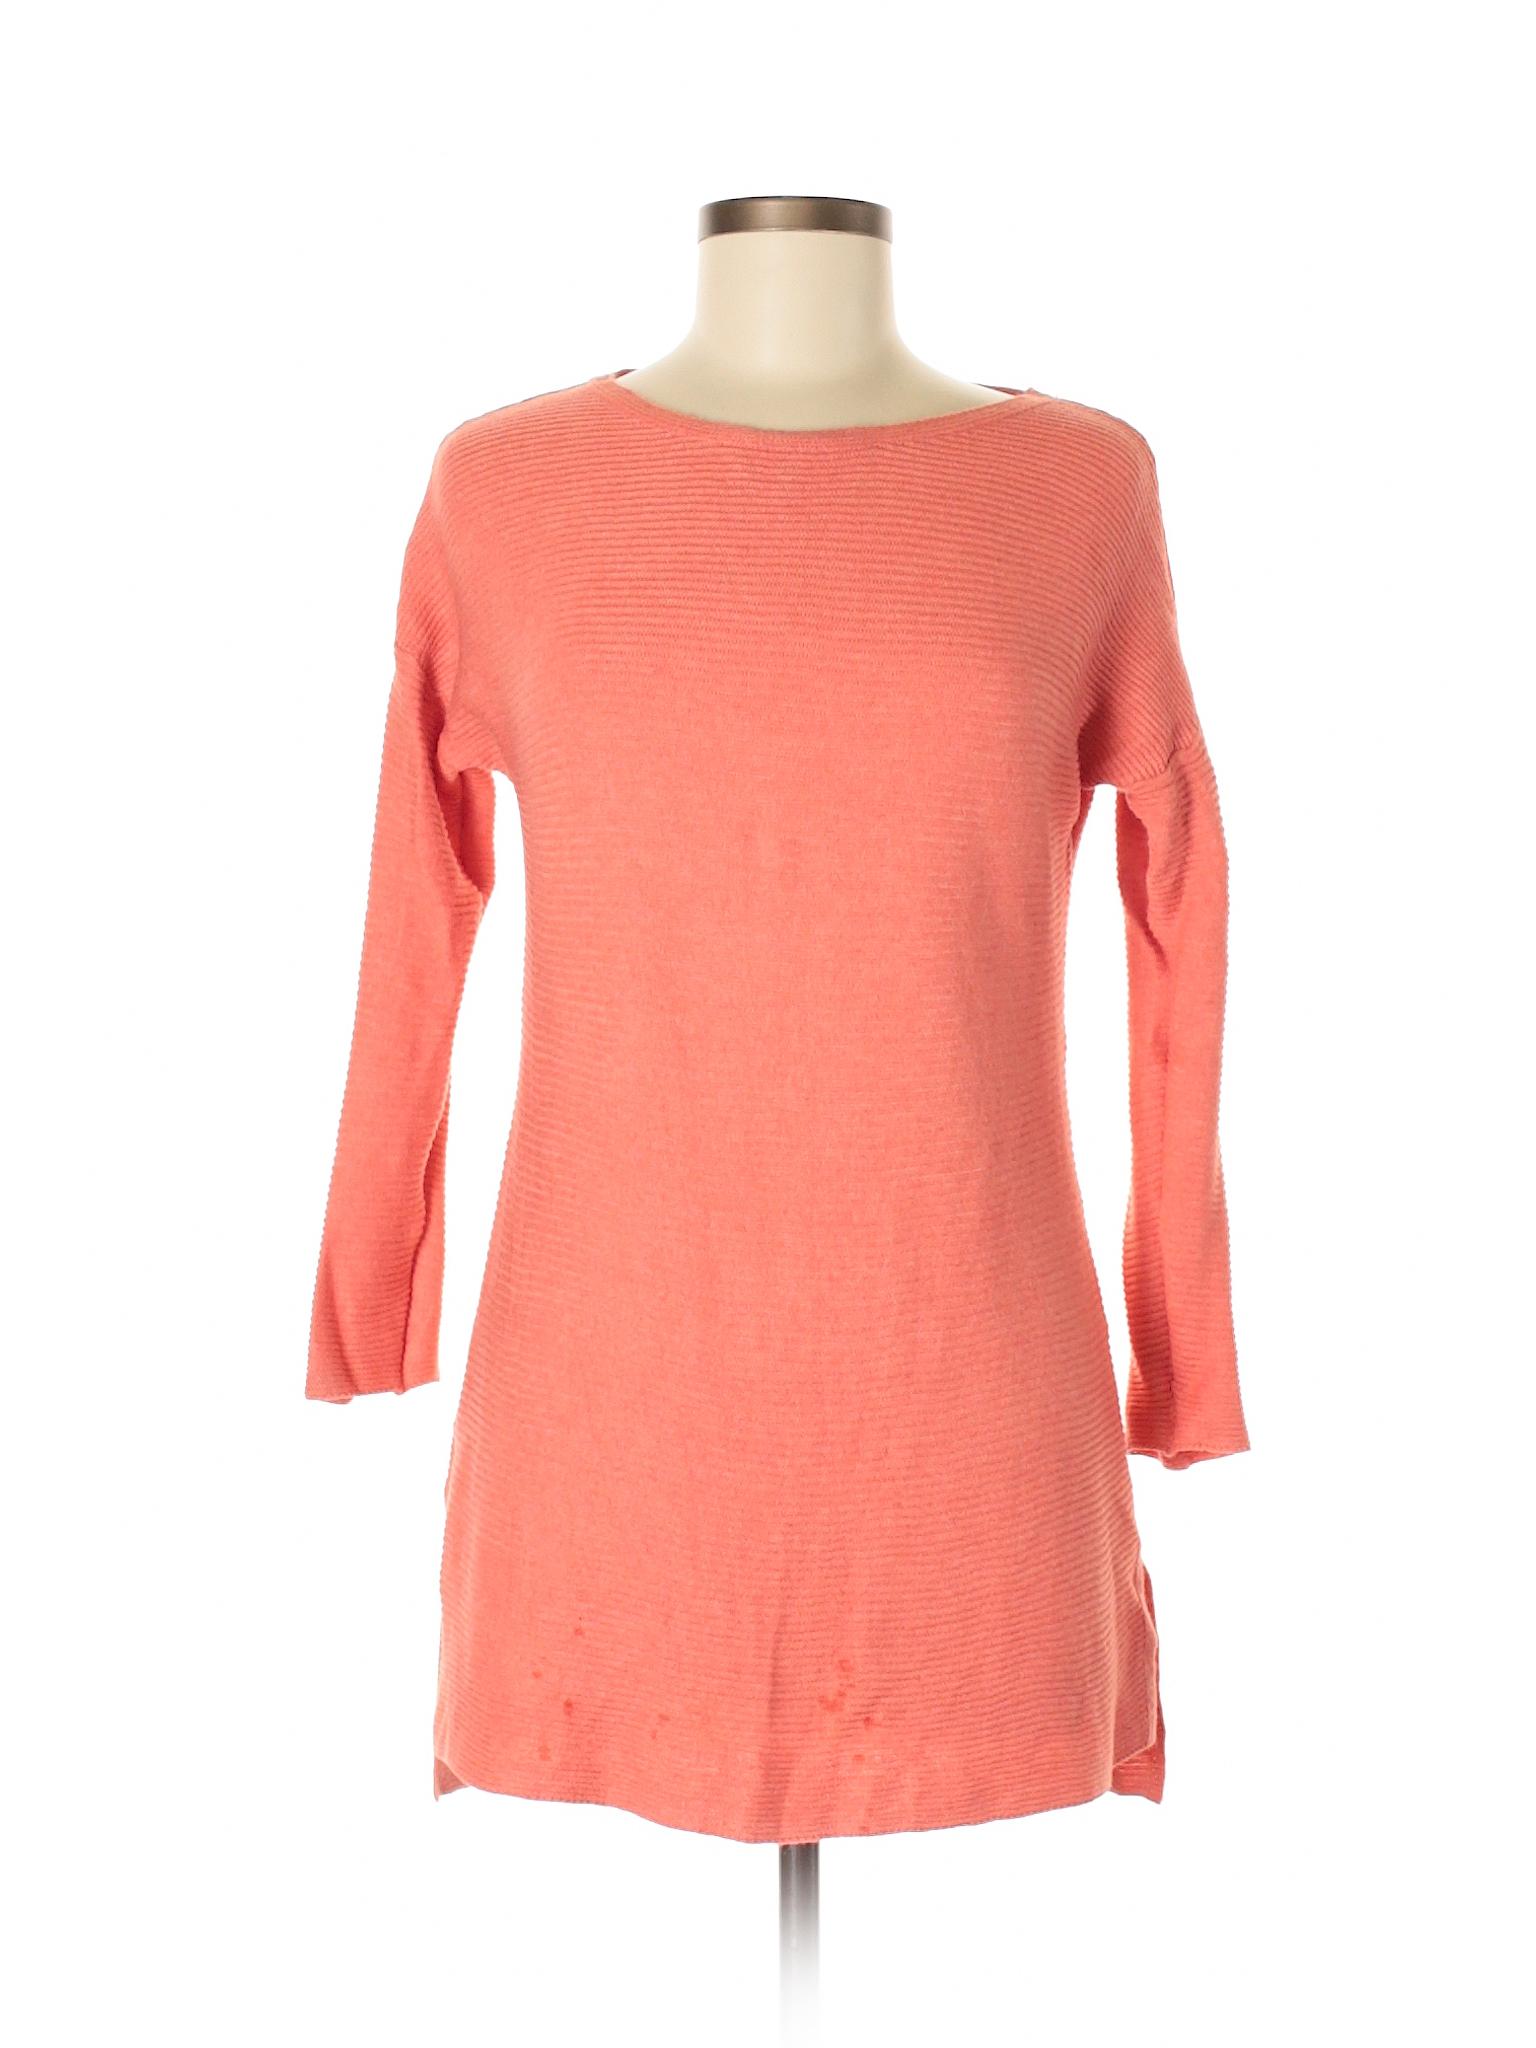 578cc55fa62 Sweater Pullover Merona Pullover Merona winter winter Boutique Boutique  8Pwqwp ...